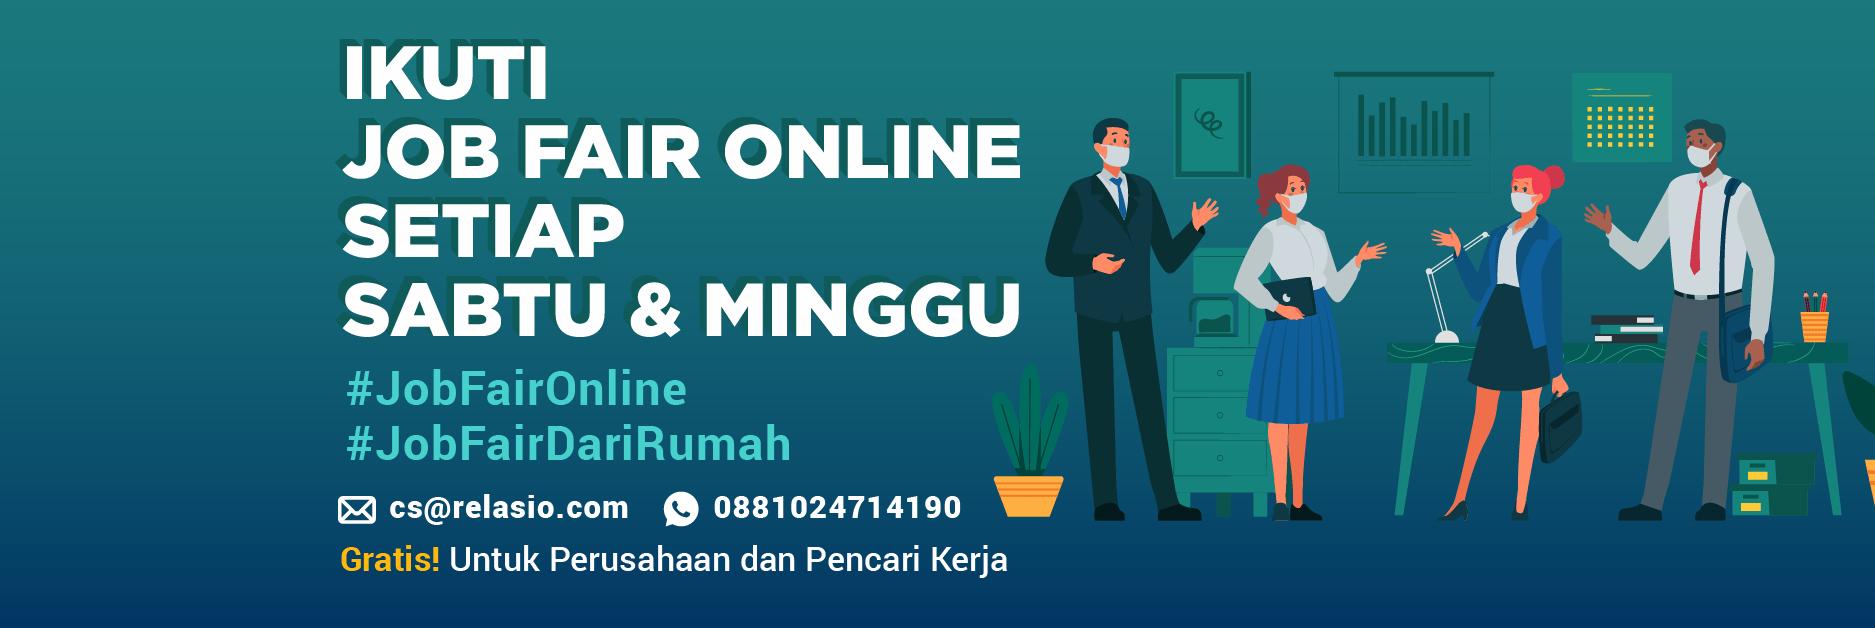 online job fair relasio.com